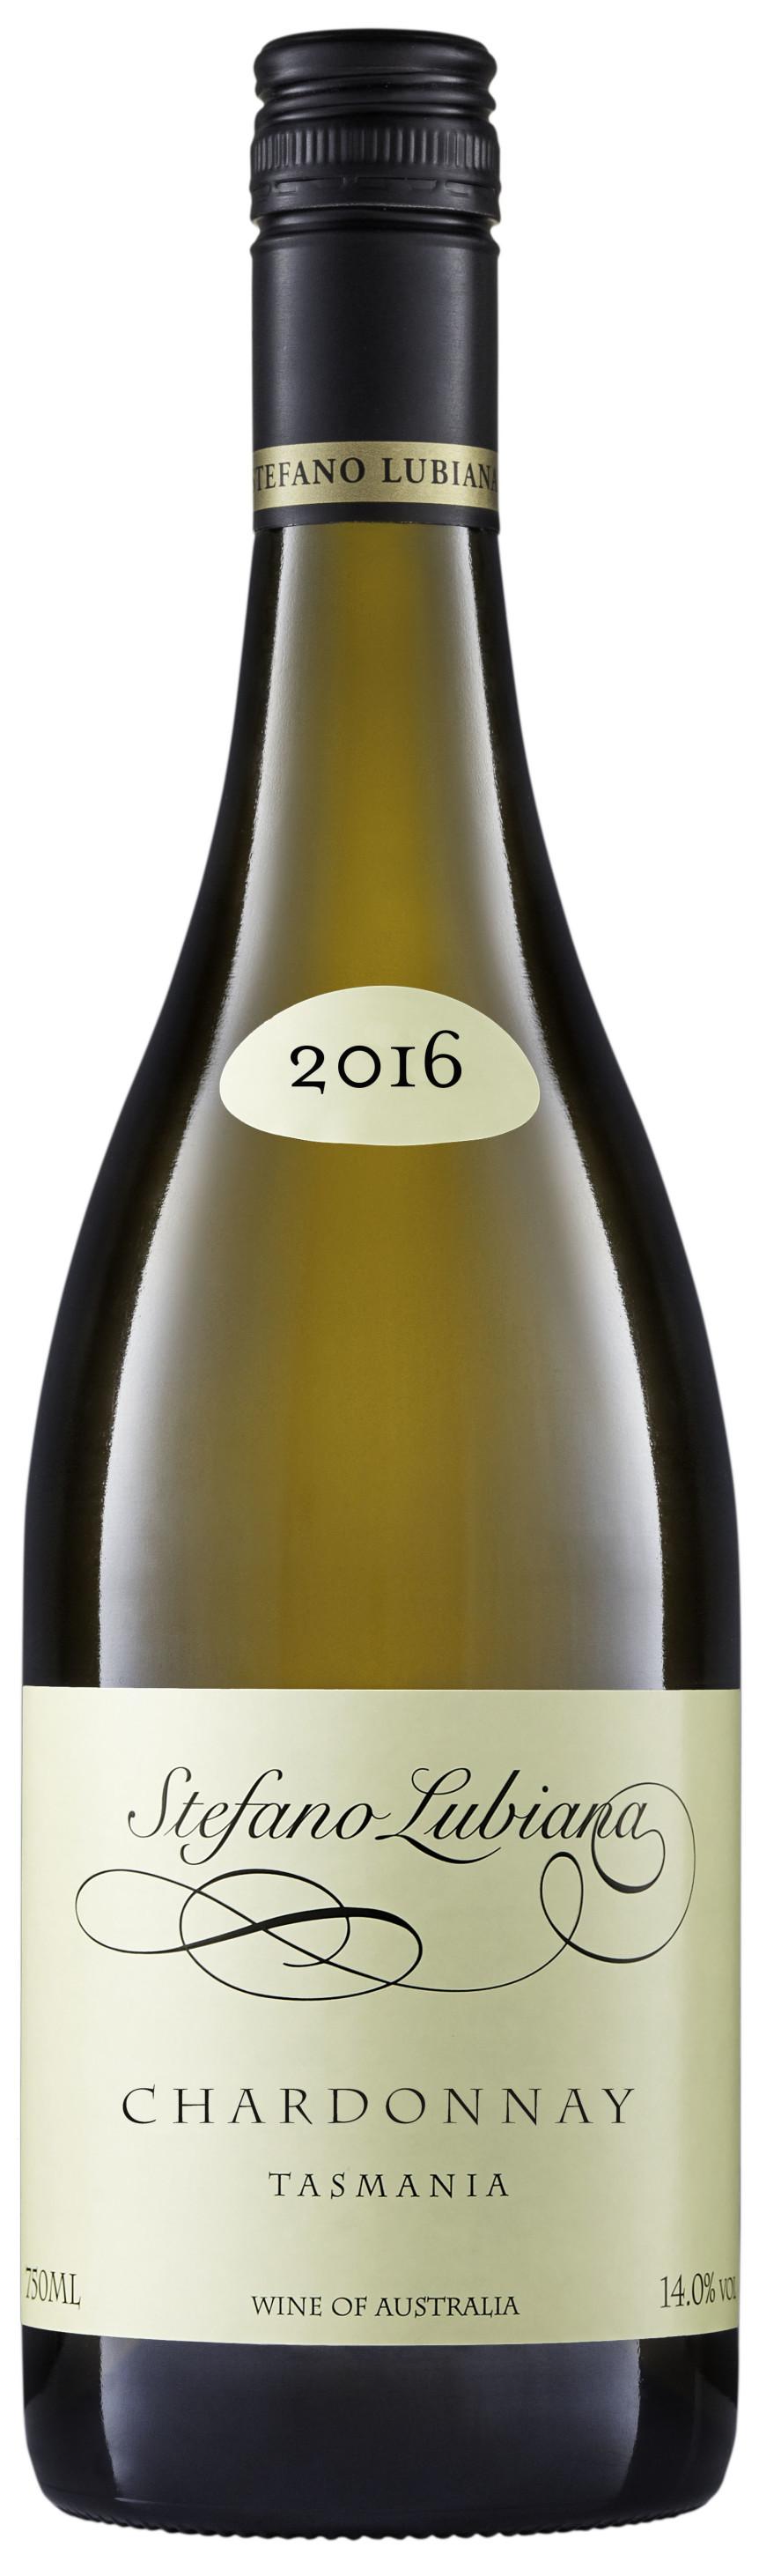 Estate Chardonnay 2016 Biodynamic